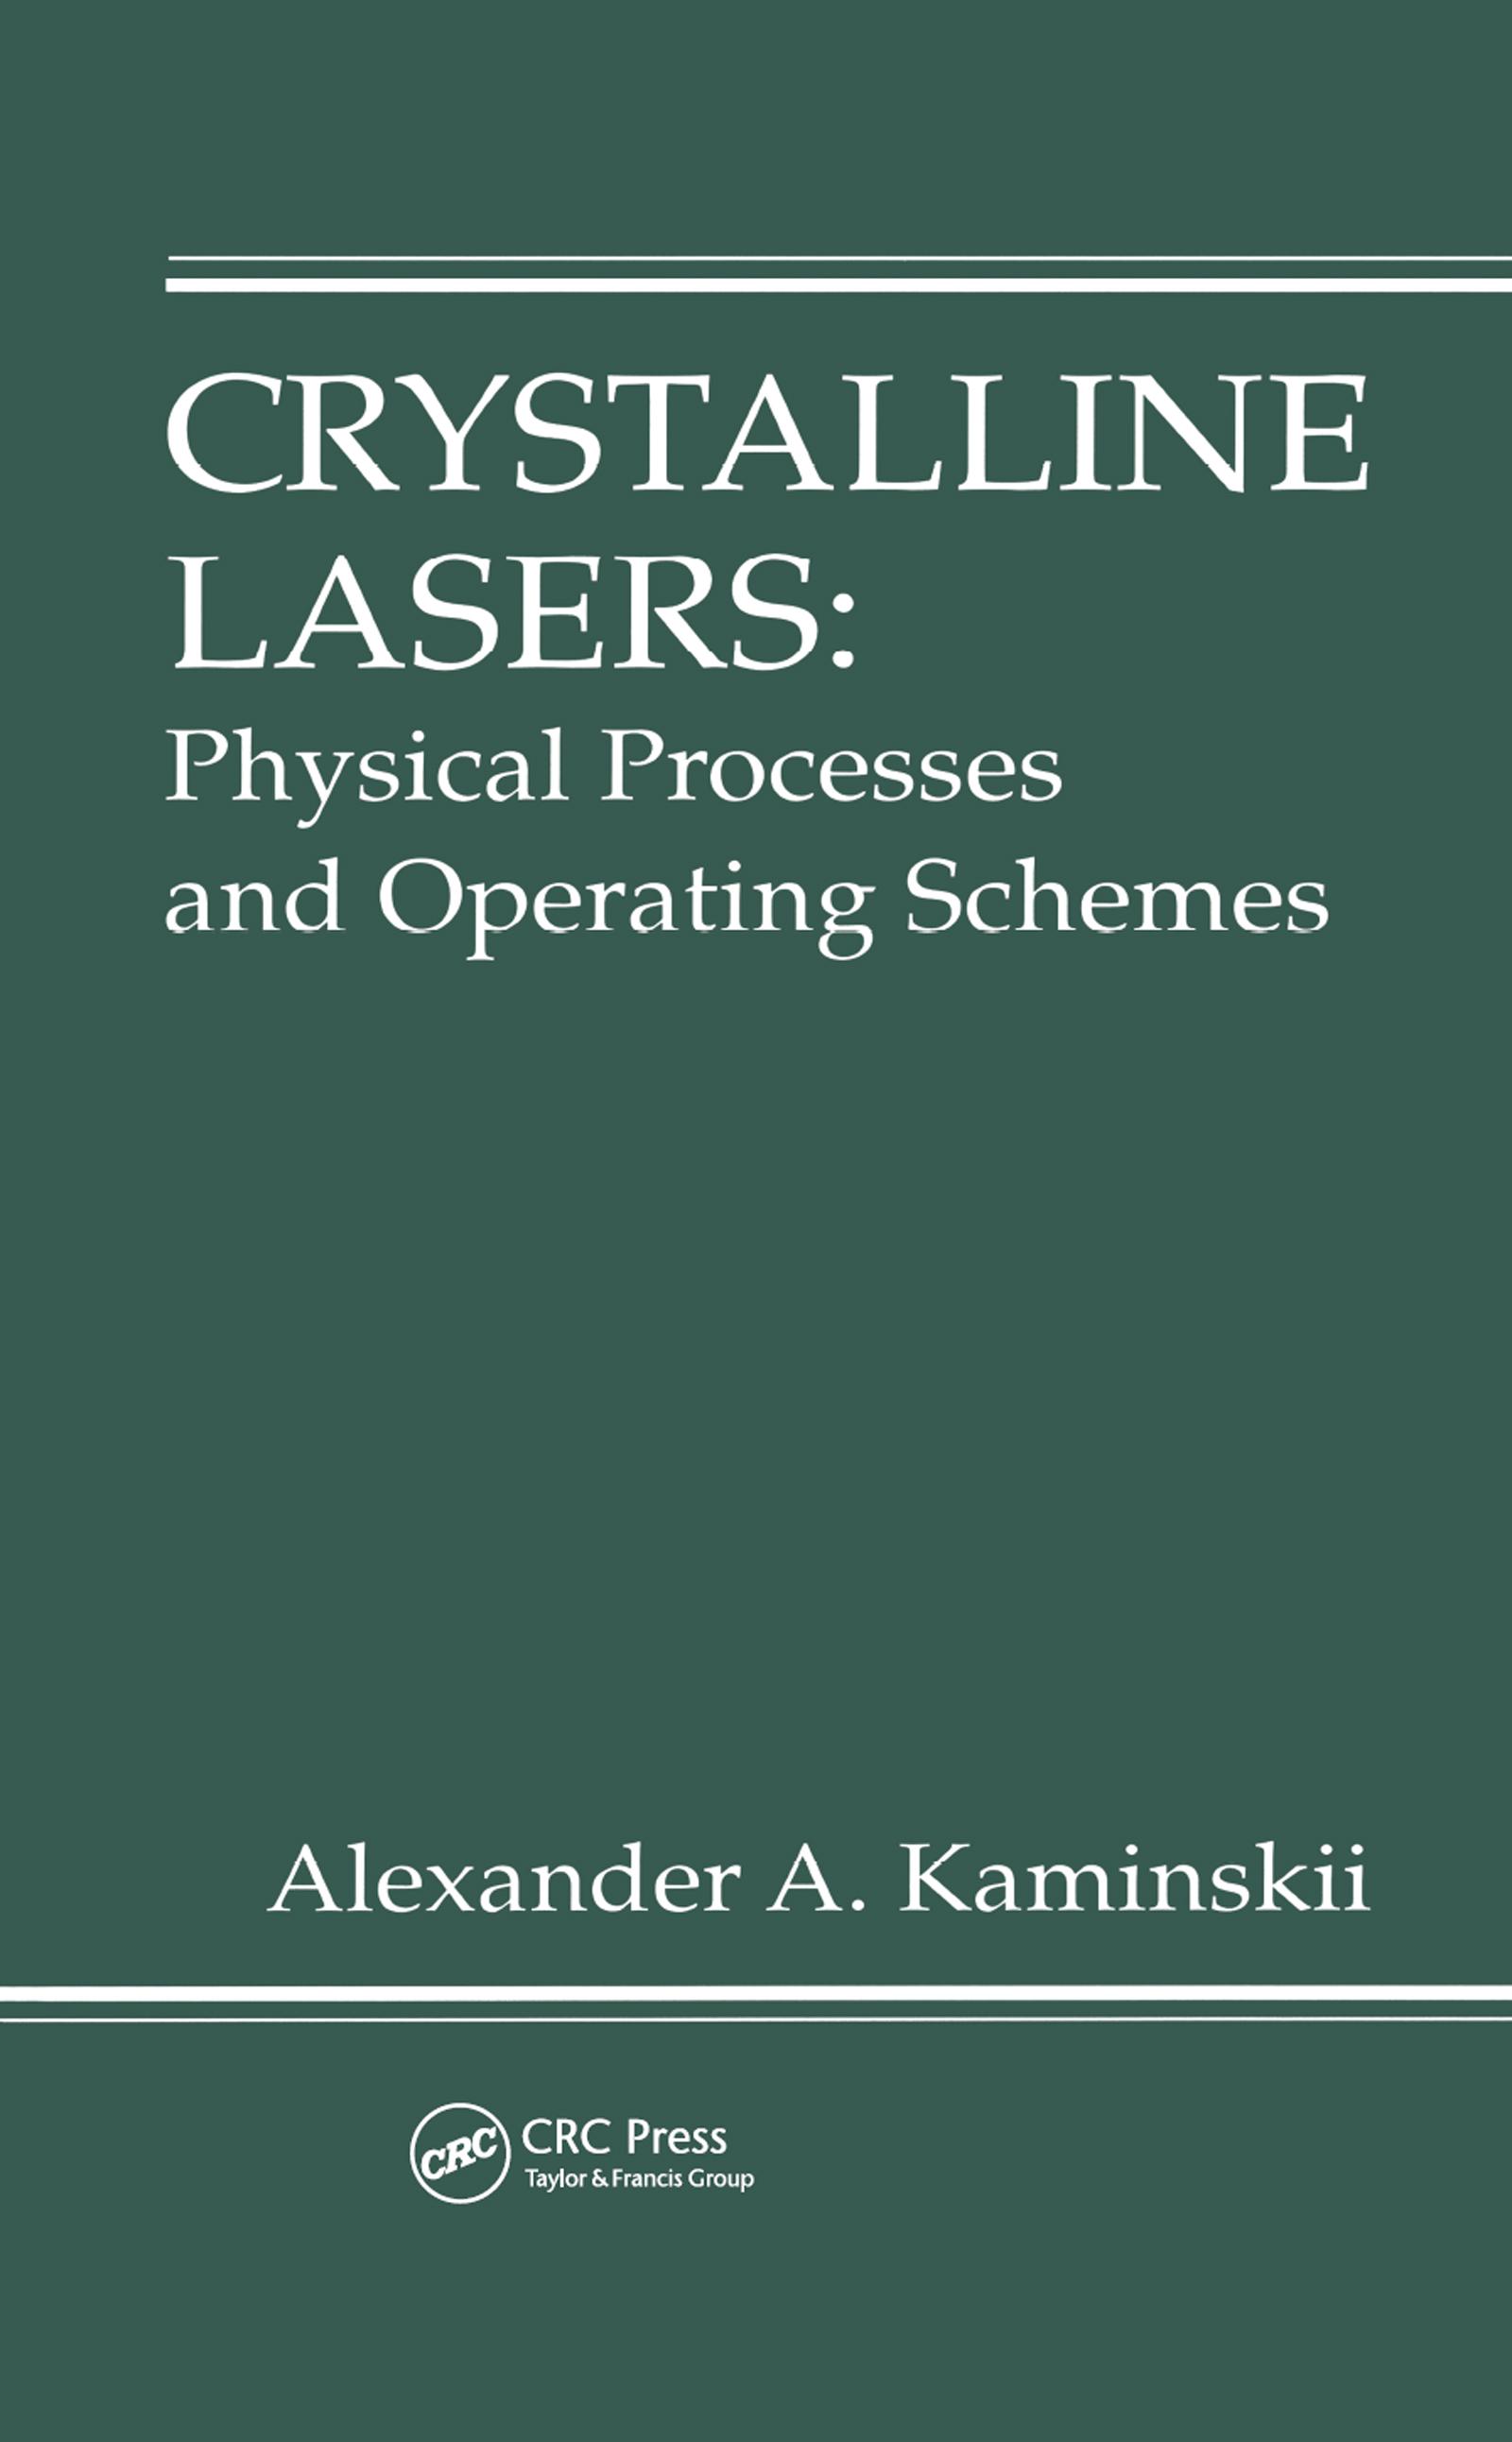 Crystalline Lasers